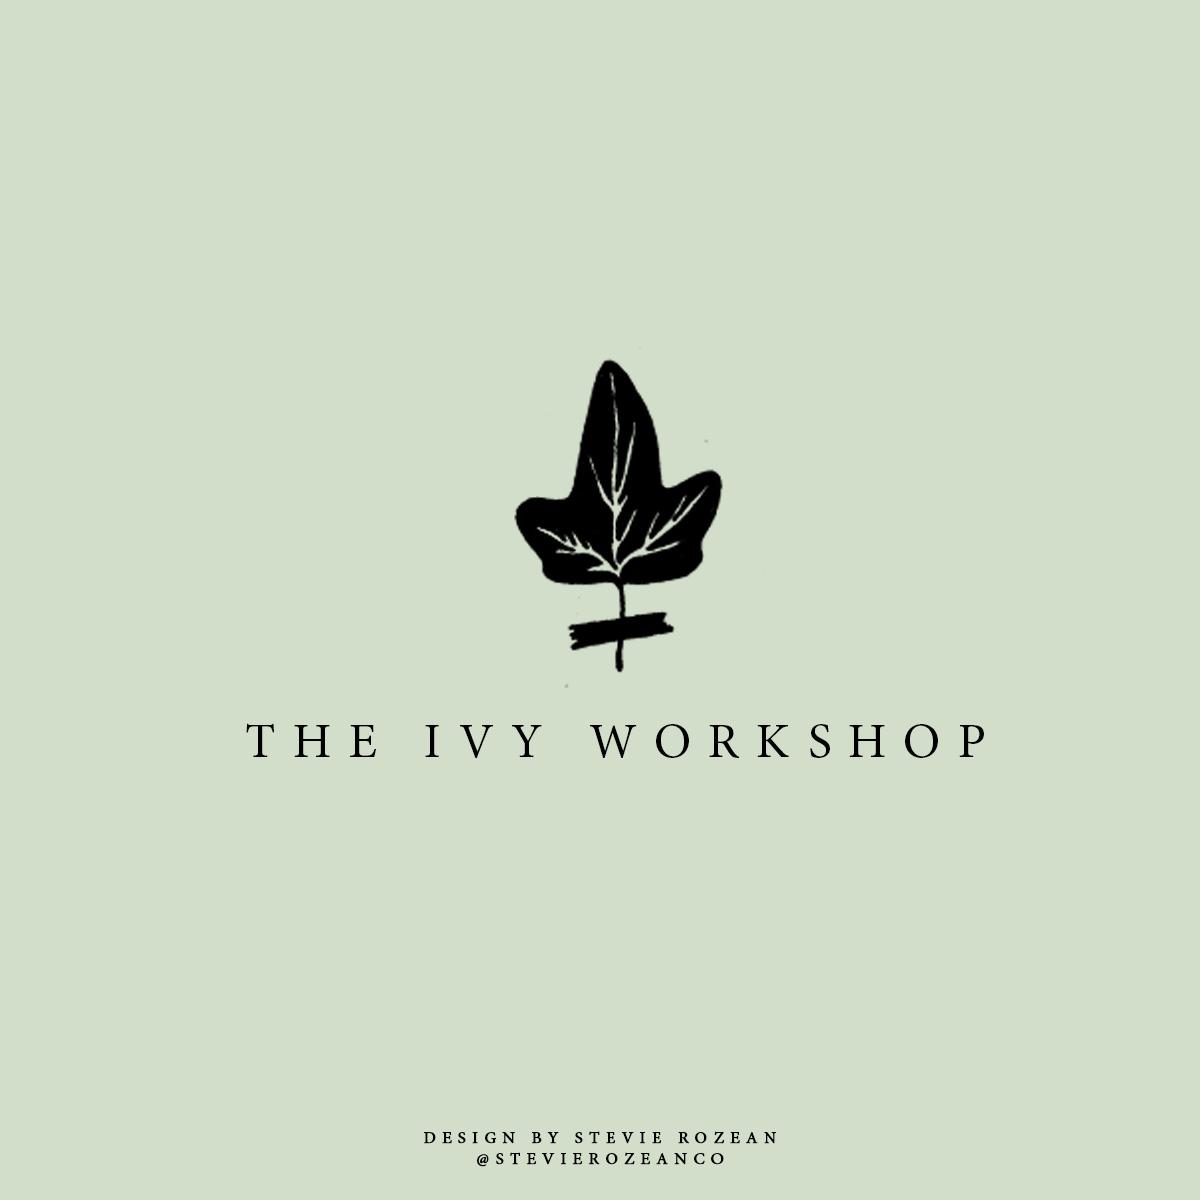 logo design for photography workshop. flower workshop logo.jpg